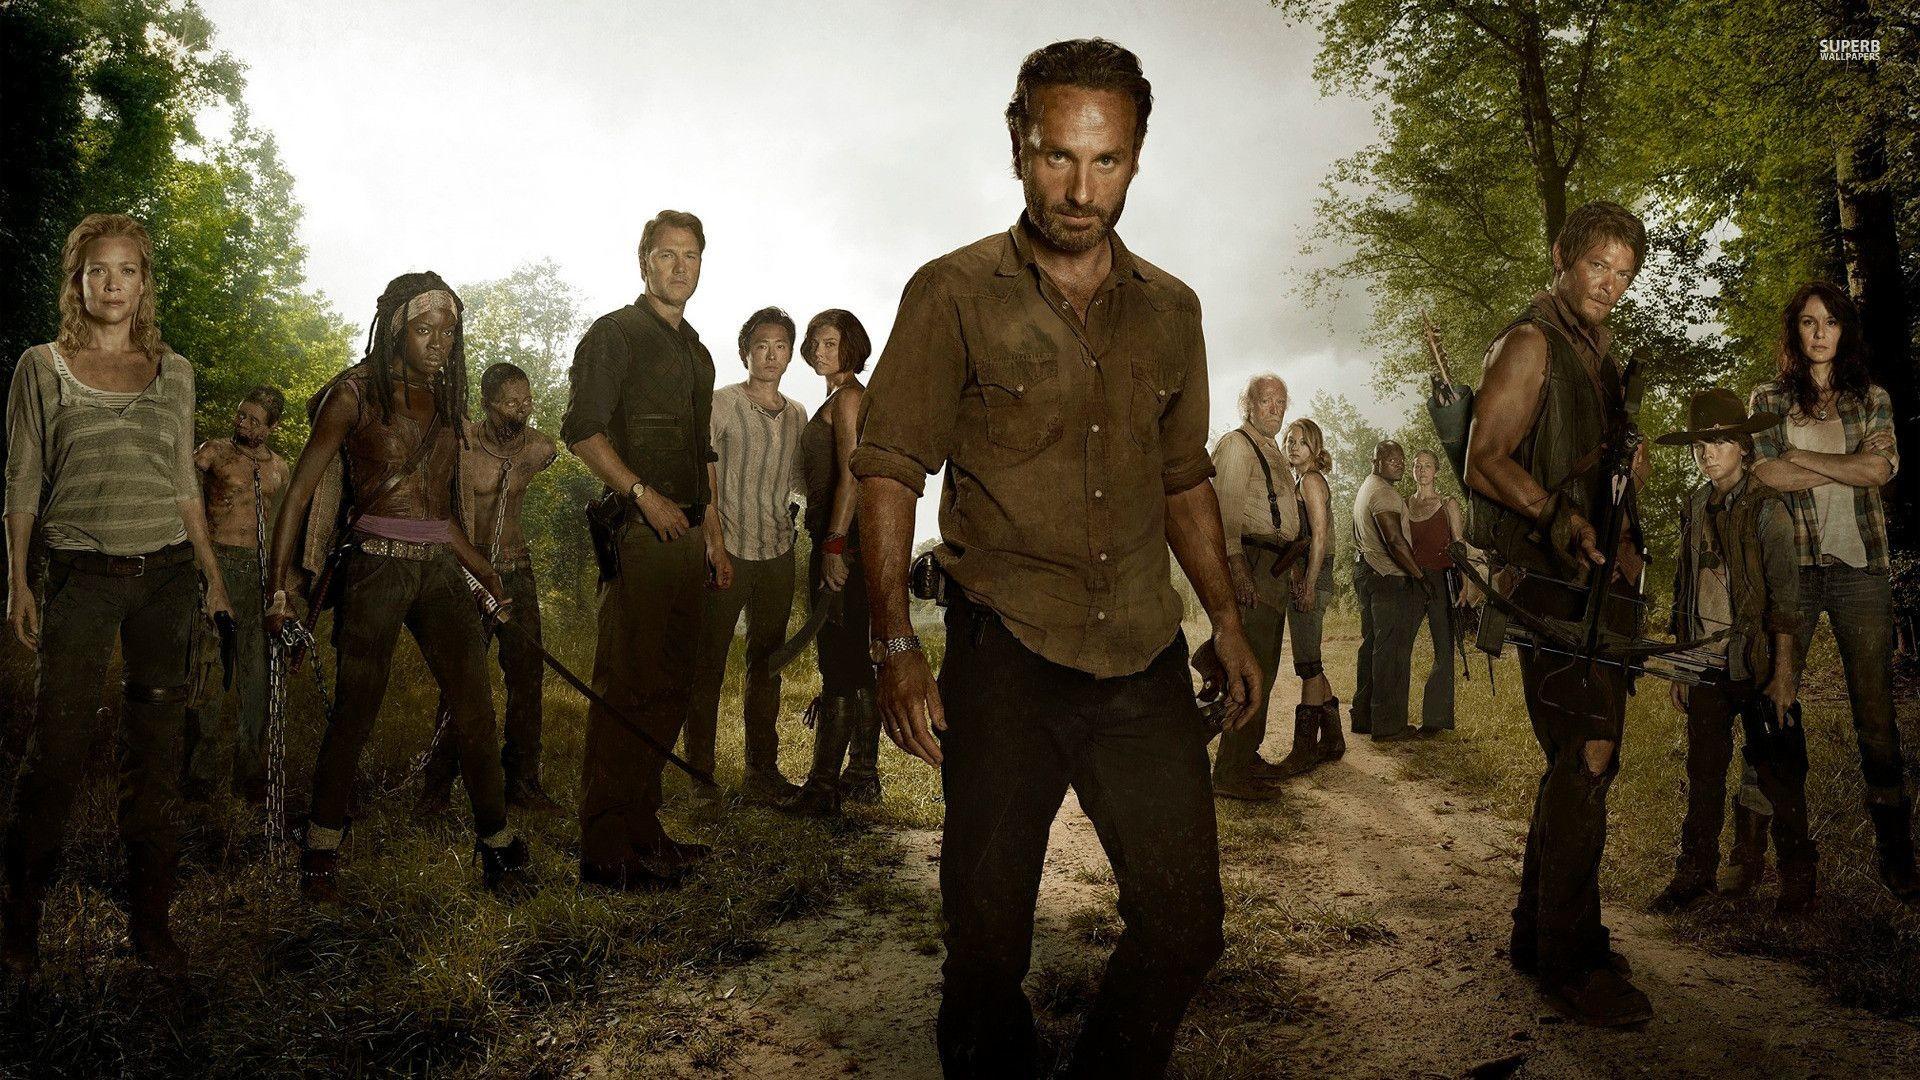 The Walking Dead Wallpaper Hd